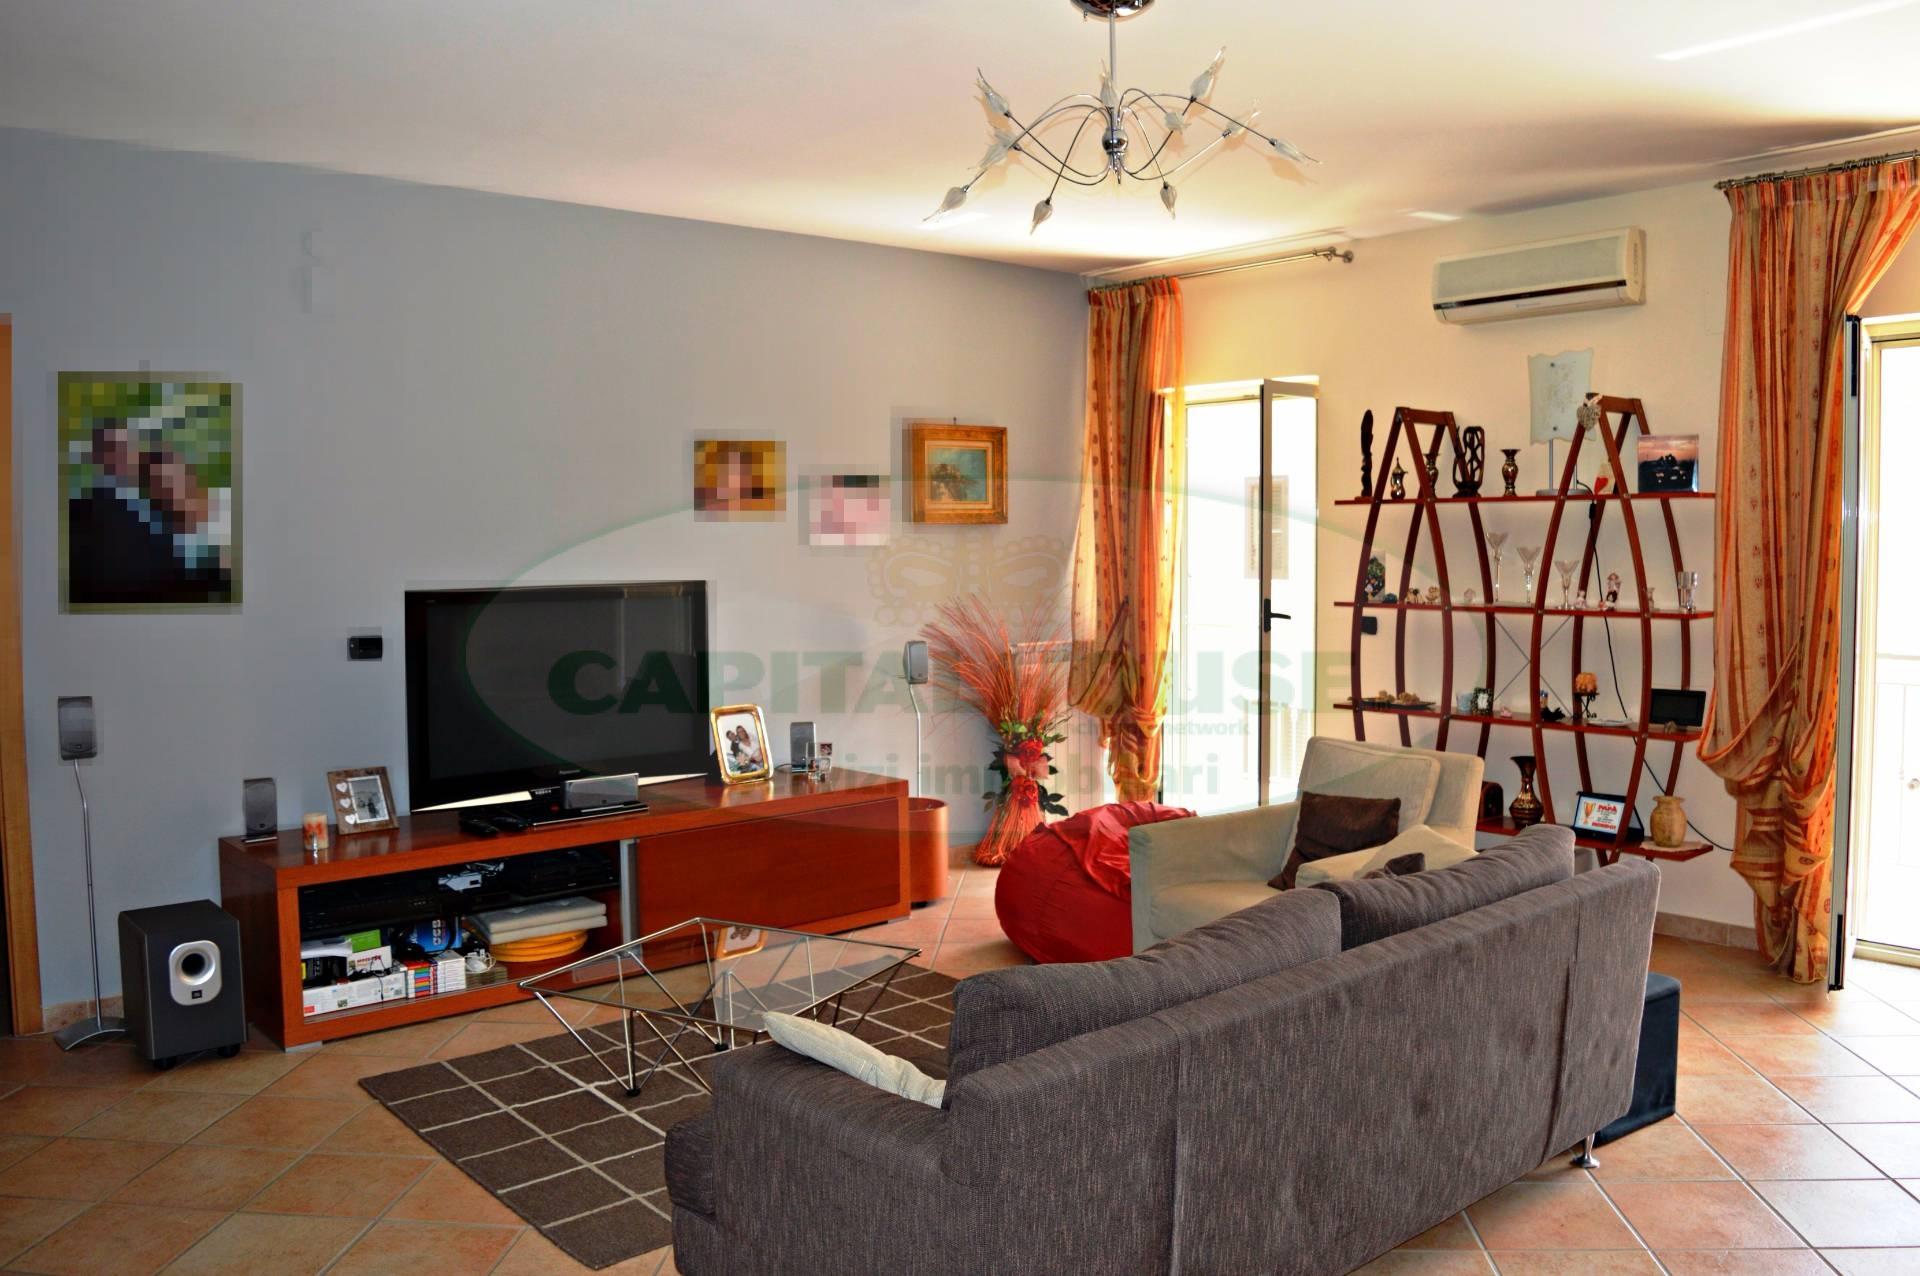 Appartamento in vendita a San Nicola la Strada, 3 locali, zona Località: LargoRotonda, prezzo € 175.000 | CambioCasa.it